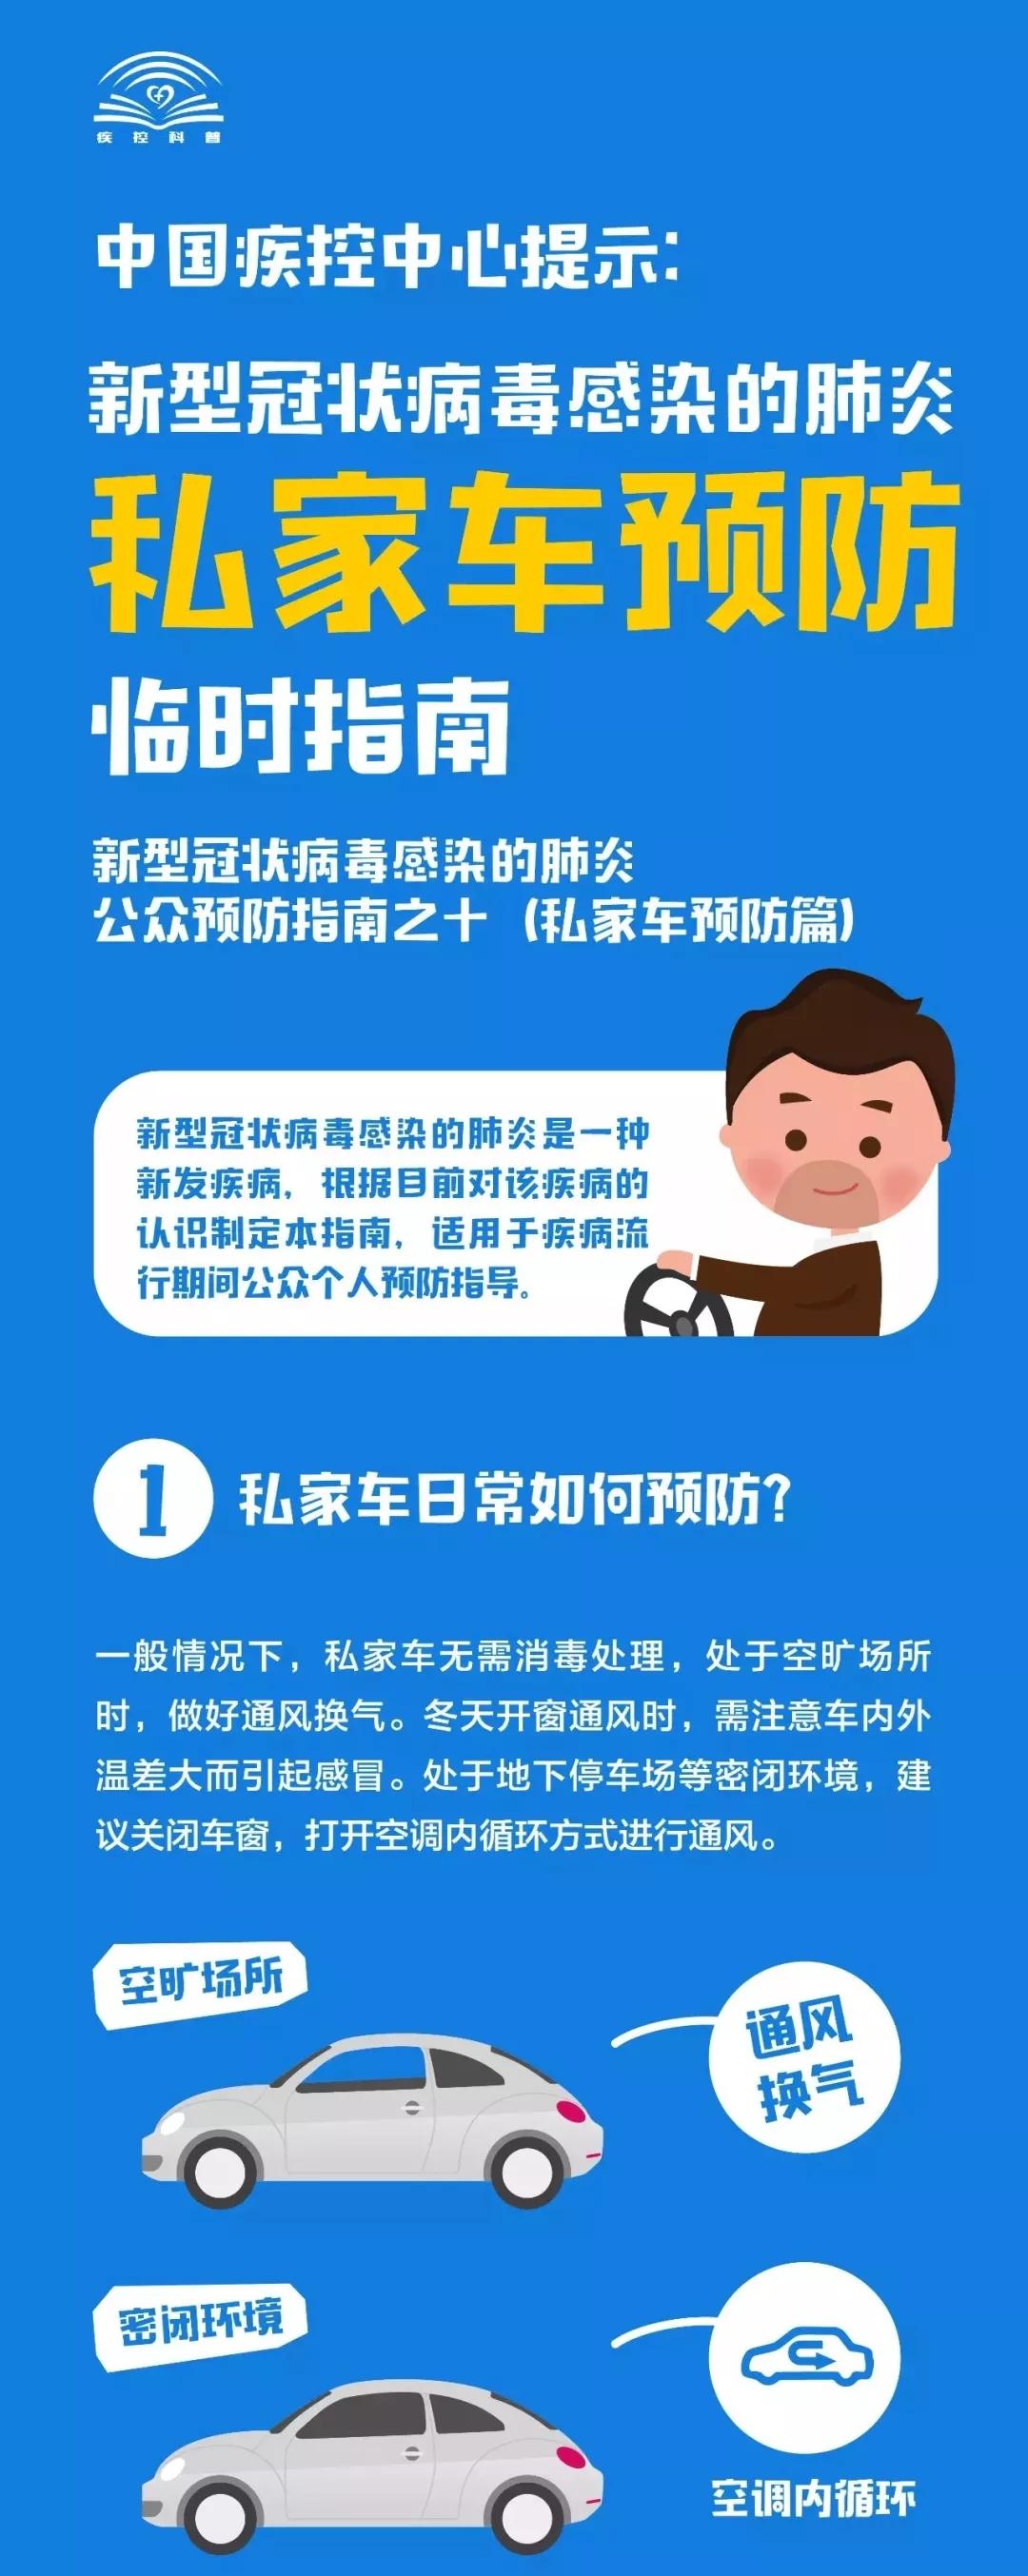 中宏网山东1月29日电 29日,记者从中国疾控中心获悉,新型冠状病毒感染的肺炎期间,私家车应做好哪些防护措施。